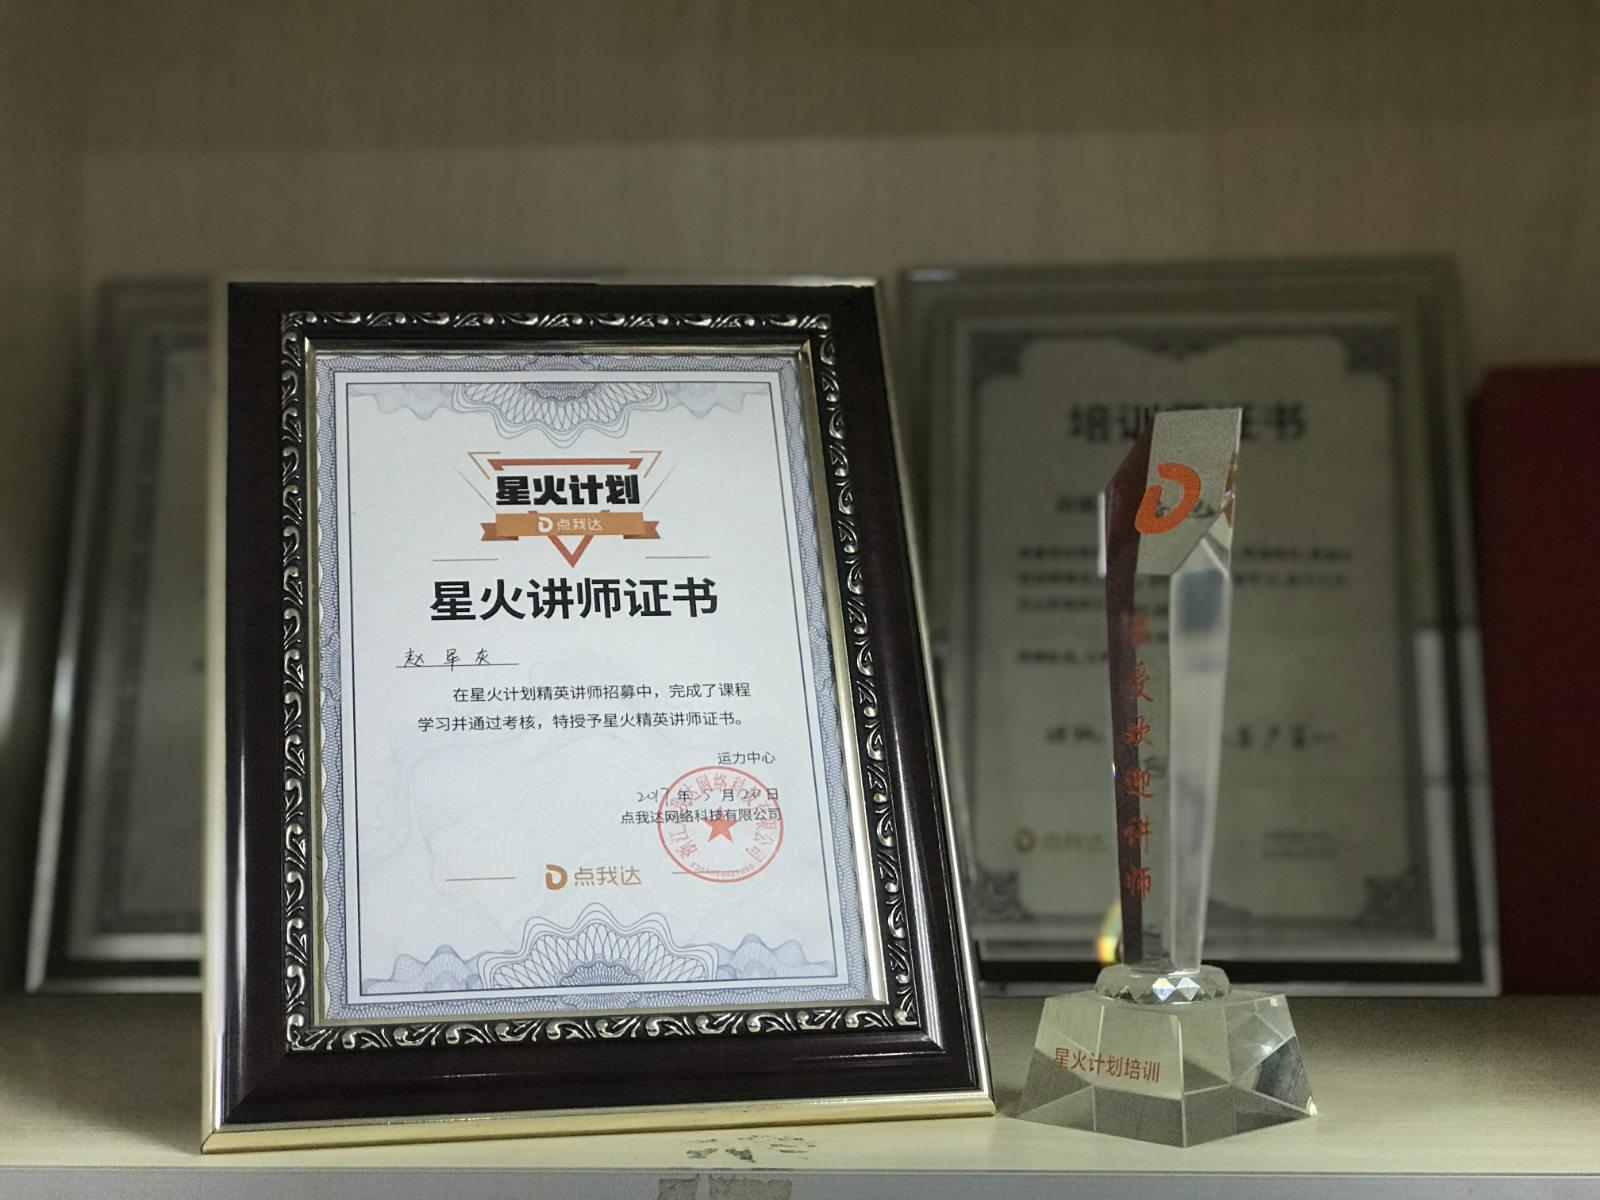 赵军辉在2017年获得星火讲师证书_meitu_10